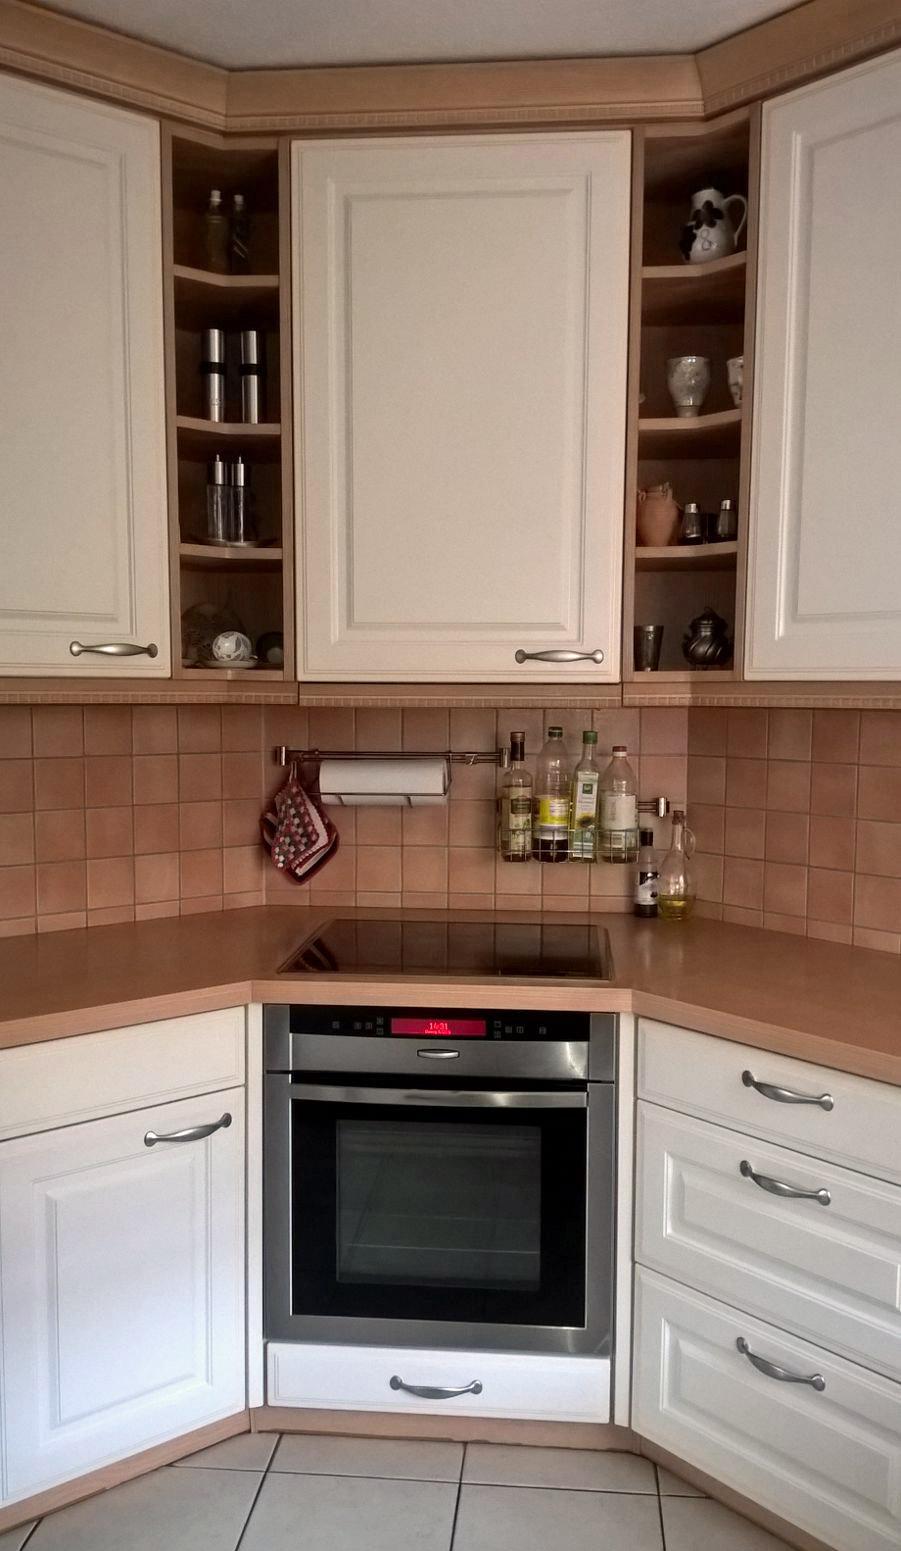 Full Size of Billige Küche Mit Herd Und Kühlschrank Armatur Küche Billig Küche Billig Kaufen Nürnberg Küche Billig Kaufen Gebraucht Küche Küche Billig